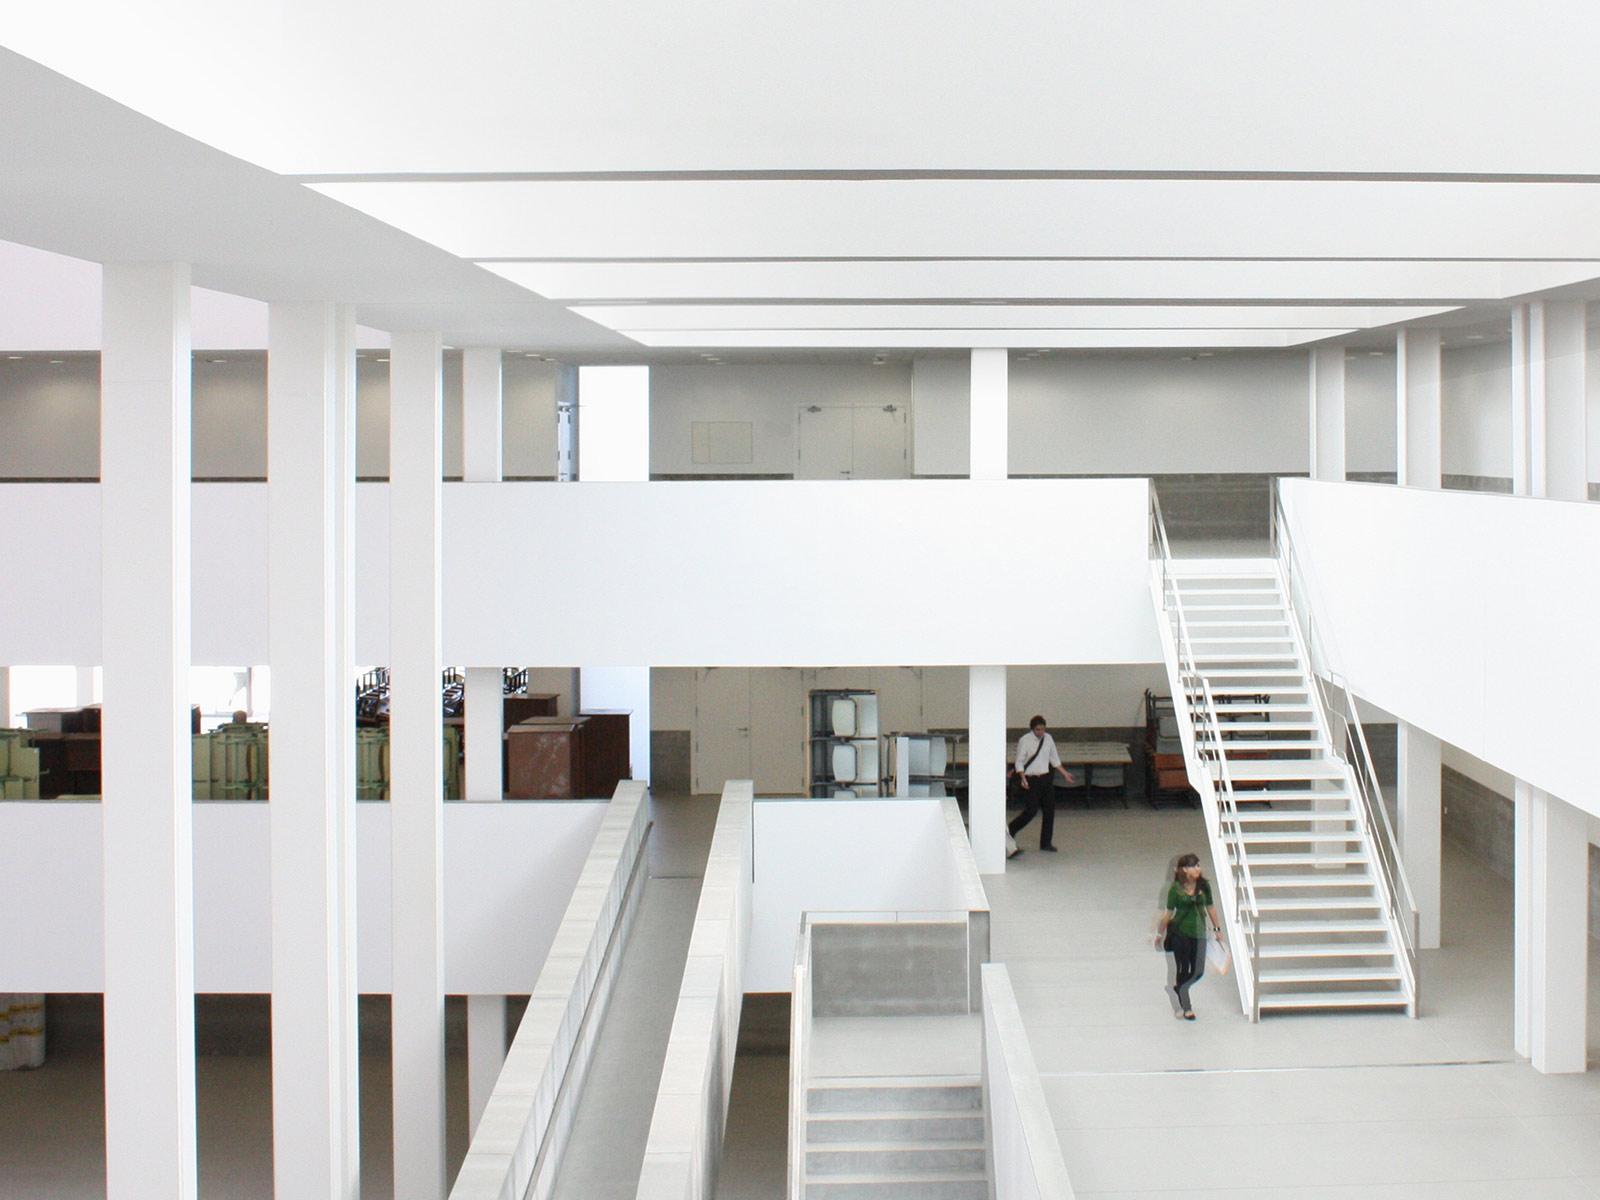 Malaga arquitectura gu a de arquitectura contempor nea - Estudios de arquitectura malaga ...